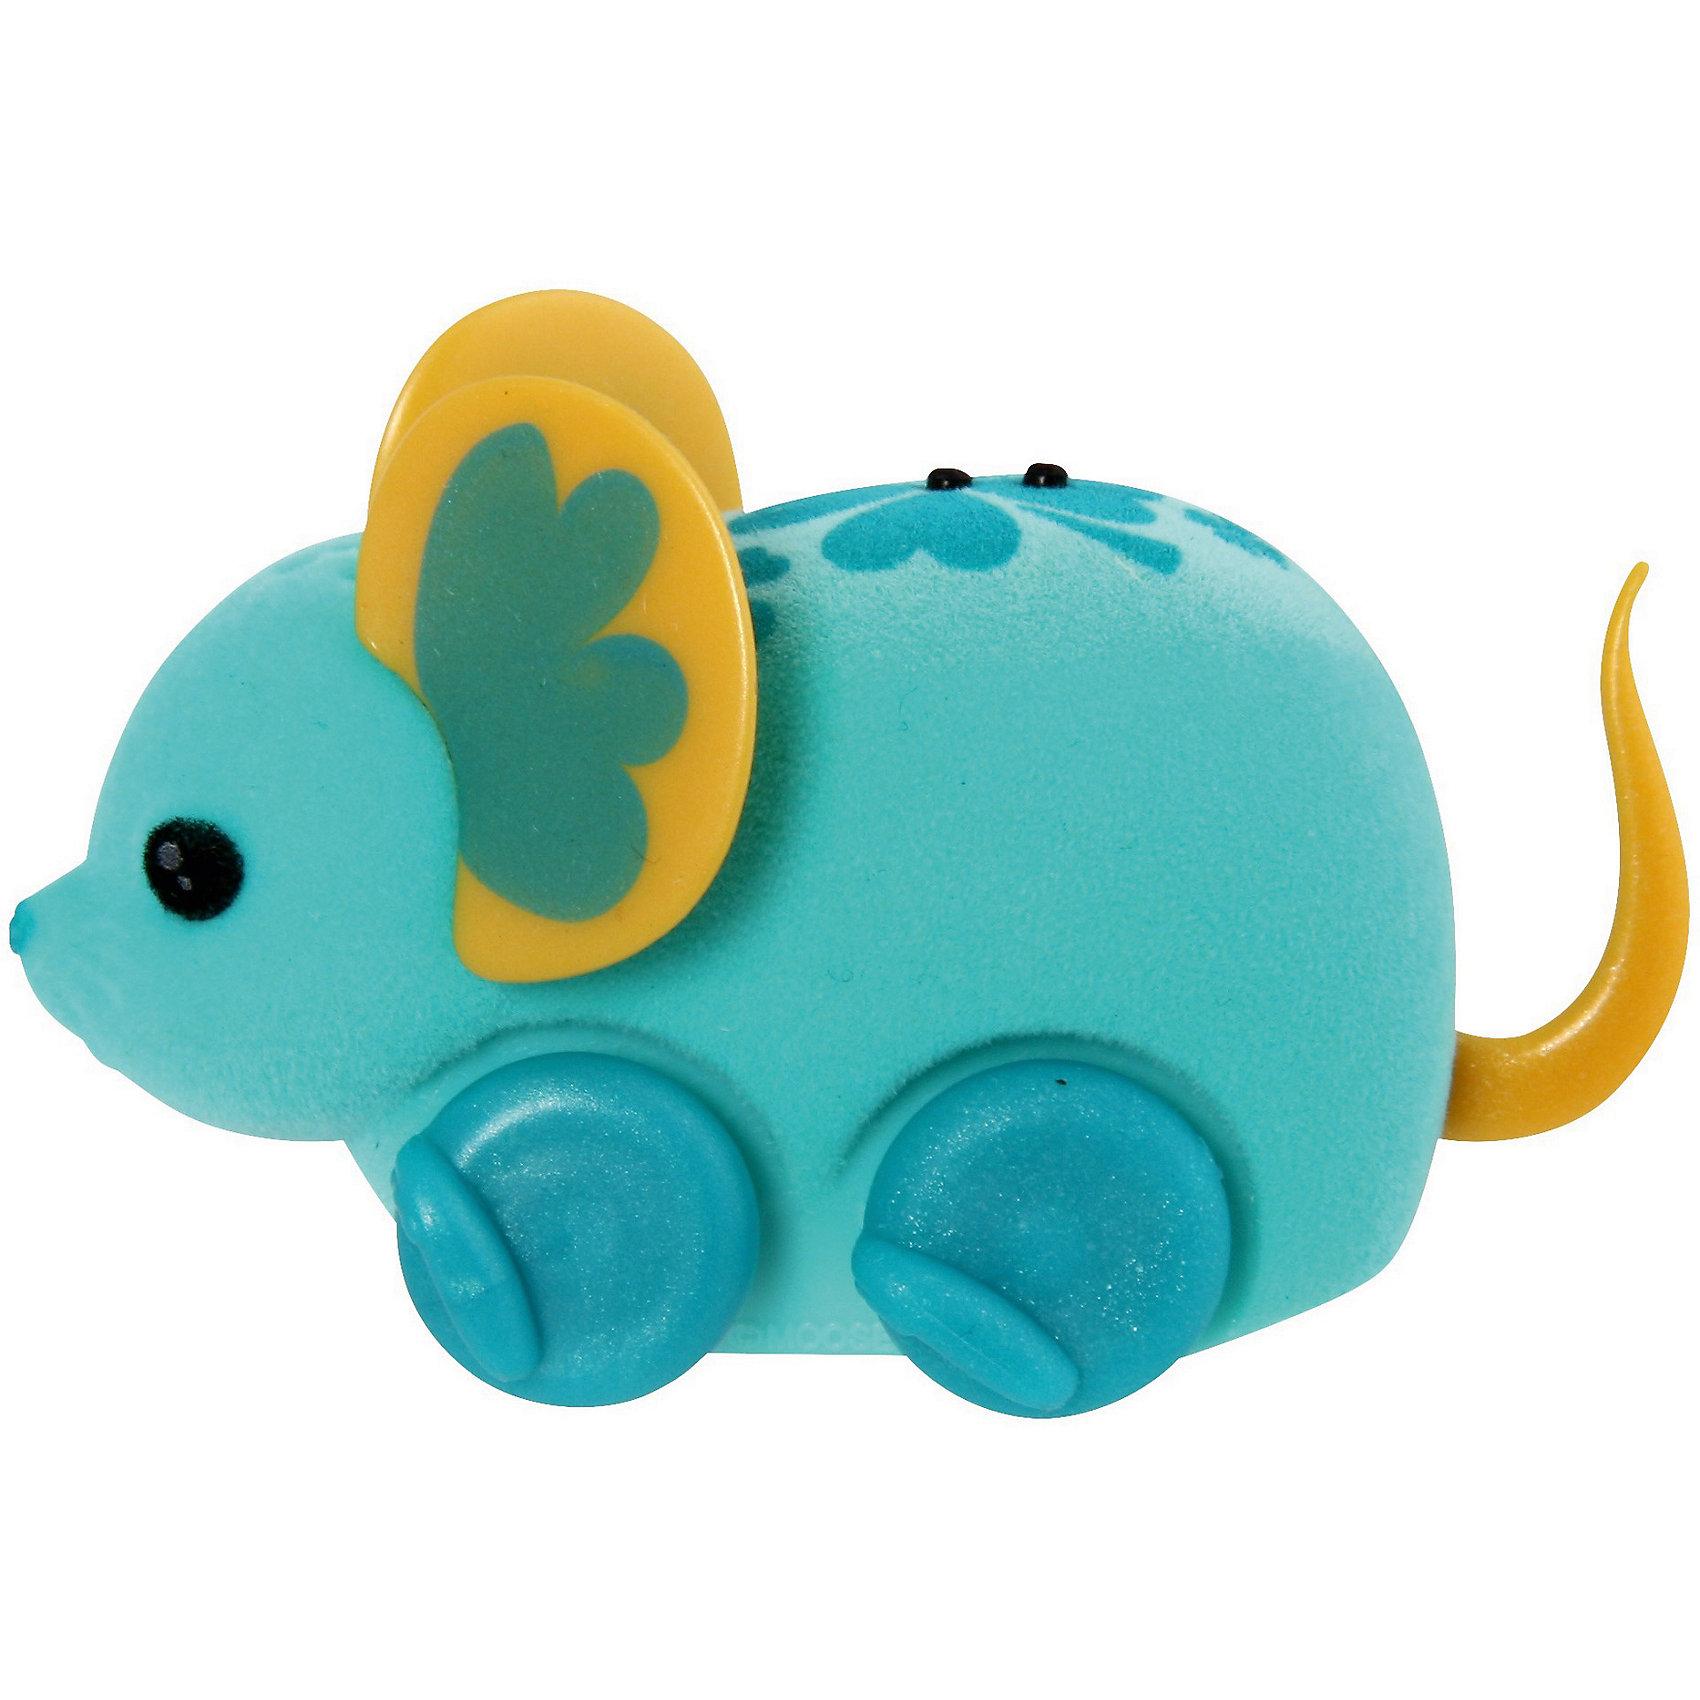 Интерактивная мышка в колесе, голубая, Little Live PetsИнтерактивная мышка в колесе, голубая, Little Live Pets (Литтл лайв петс) от австралийского бренда Moose (Мус). Новая нежная игрушка – мышка, очень приятна на ощупь, ее тельце как будто сделано из бархата. Лапки сделаны в виде колесиков, которые позволяют мышке бегать. Красивые большие ушки мышки отлично сочетаются с рисунками на спинке и хвостиком. Мышка может пищать и издават интересные звуки, как настоящая если ее поглаживать по спинке. Движения мышки очень похожи на настоящую.  В комплект входит фиолетовое колесо для бега. С мышкой можно придумать много игр и почувствовать, будто дома появился новый домашний питомец. <br><br>Дополнительная информация:<br><br>- В комплект входит: 1 мышка, колесо<br>- Состав: пластик, флок<br>- Элементы питания: 3 батарейки AG13 (LR44) (имеются в комплекте)<br>- Умеет пищать<br><br>Интерактивную мышку в колесе, голубая, Little Live Pets (Литтл лайв петс), Moose (Мус) можно купить в нашем интернет-магазине.<br>Подробнее:<br>• Для детей в возрасте: от 5 до 8 лет <br>• Номер товара: 5055299<br>Страна производитель: Китай<br><br>Ширина мм: 55<br>Глубина мм: 180<br>Высота мм: 220<br>Вес г: 200<br>Возраст от месяцев: 60<br>Возраст до месяцев: 120<br>Пол: Унисекс<br>Возраст: Детский<br>SKU: 5055299